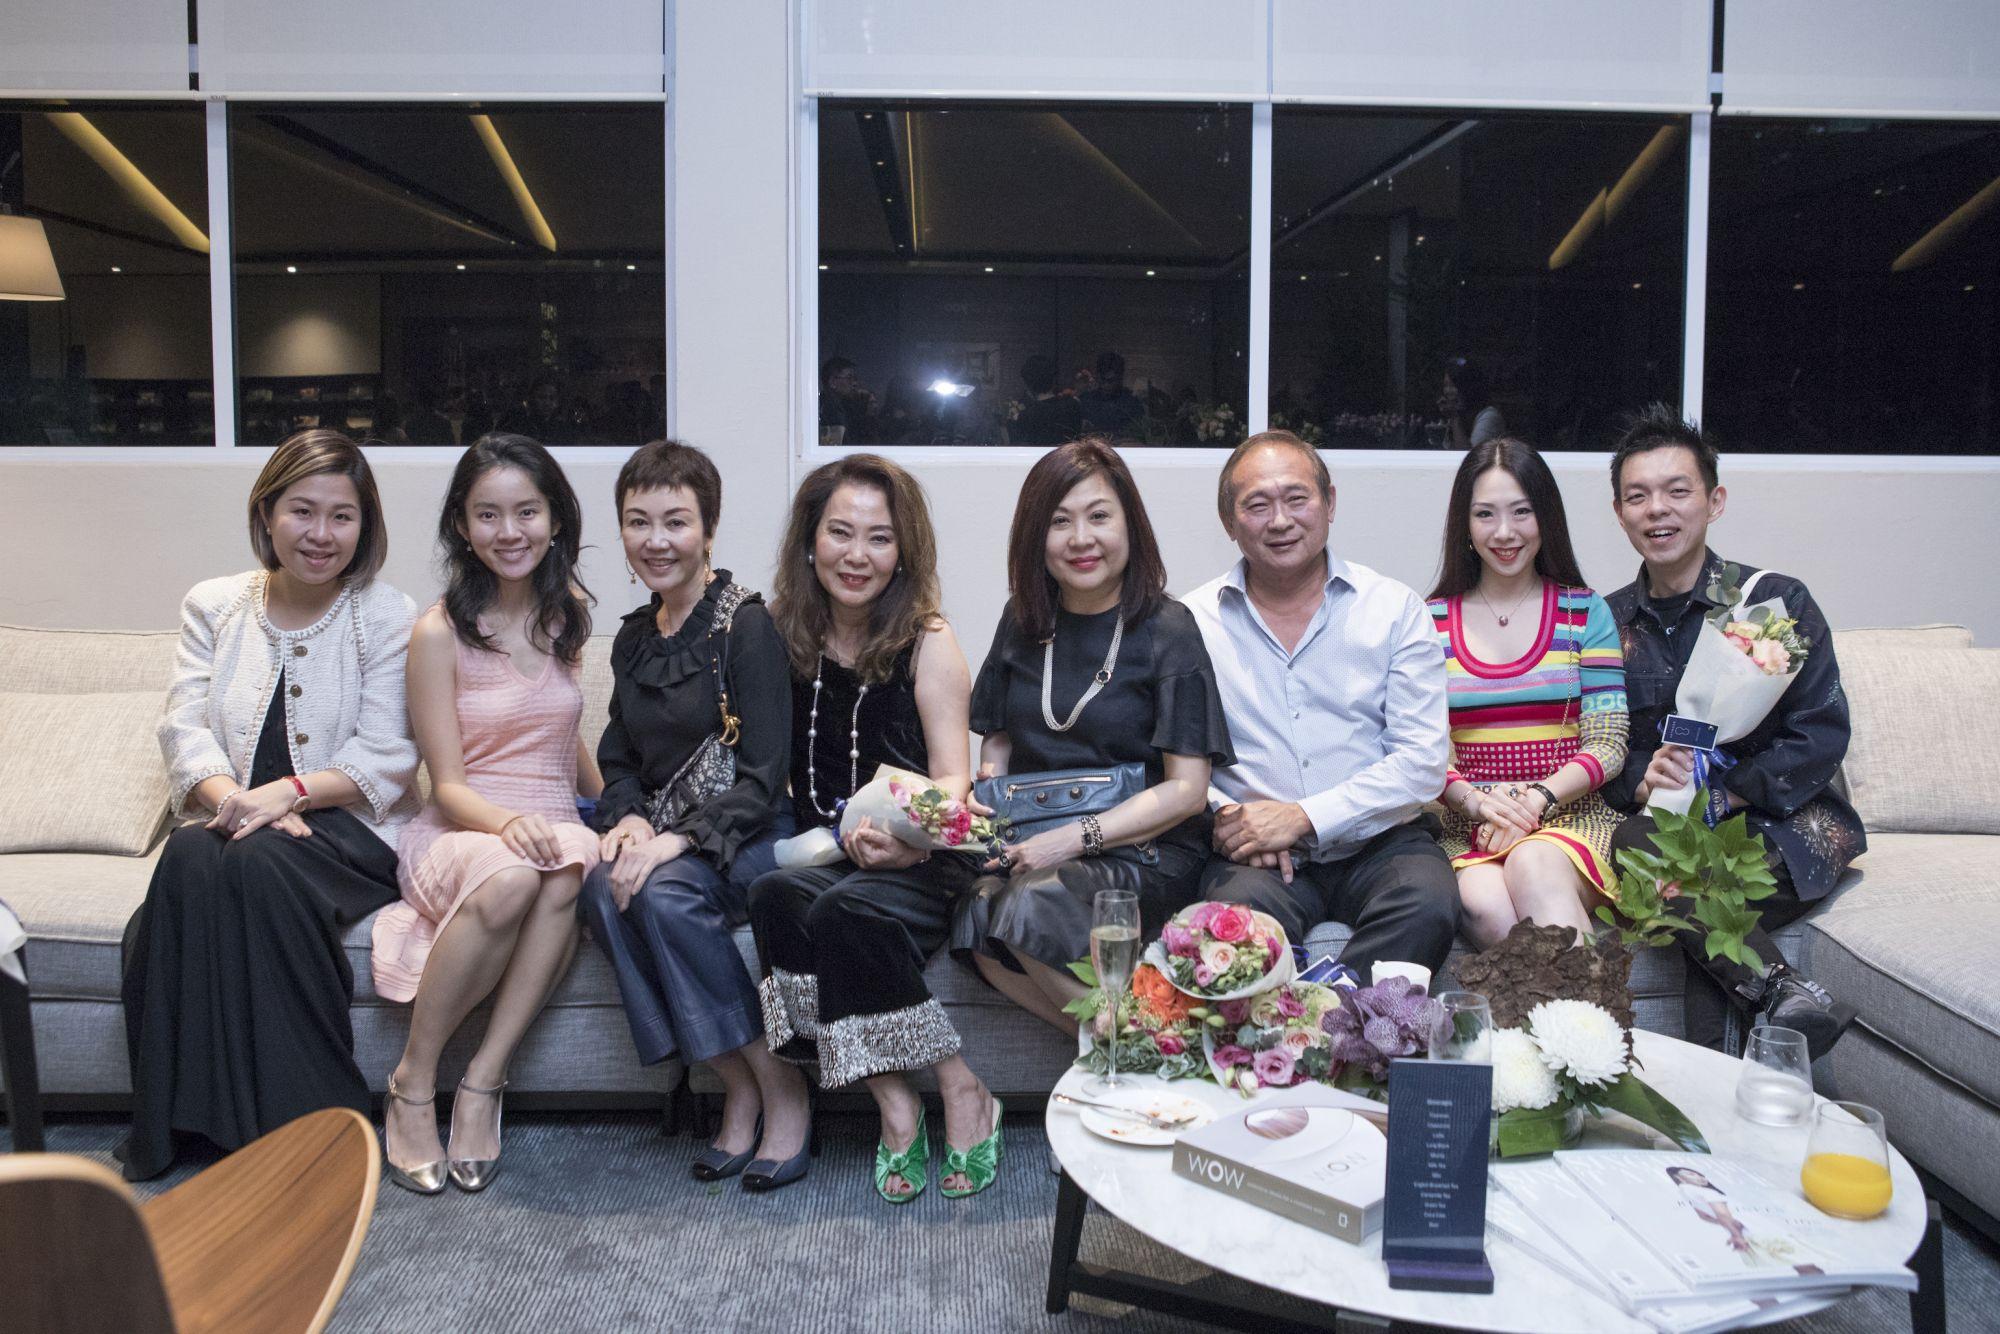 Angela Ang, Mae Ang, Emily Piak, Joyce Ang, Lilian Low, Richard Low, Loh May-Han, Adrian Ng